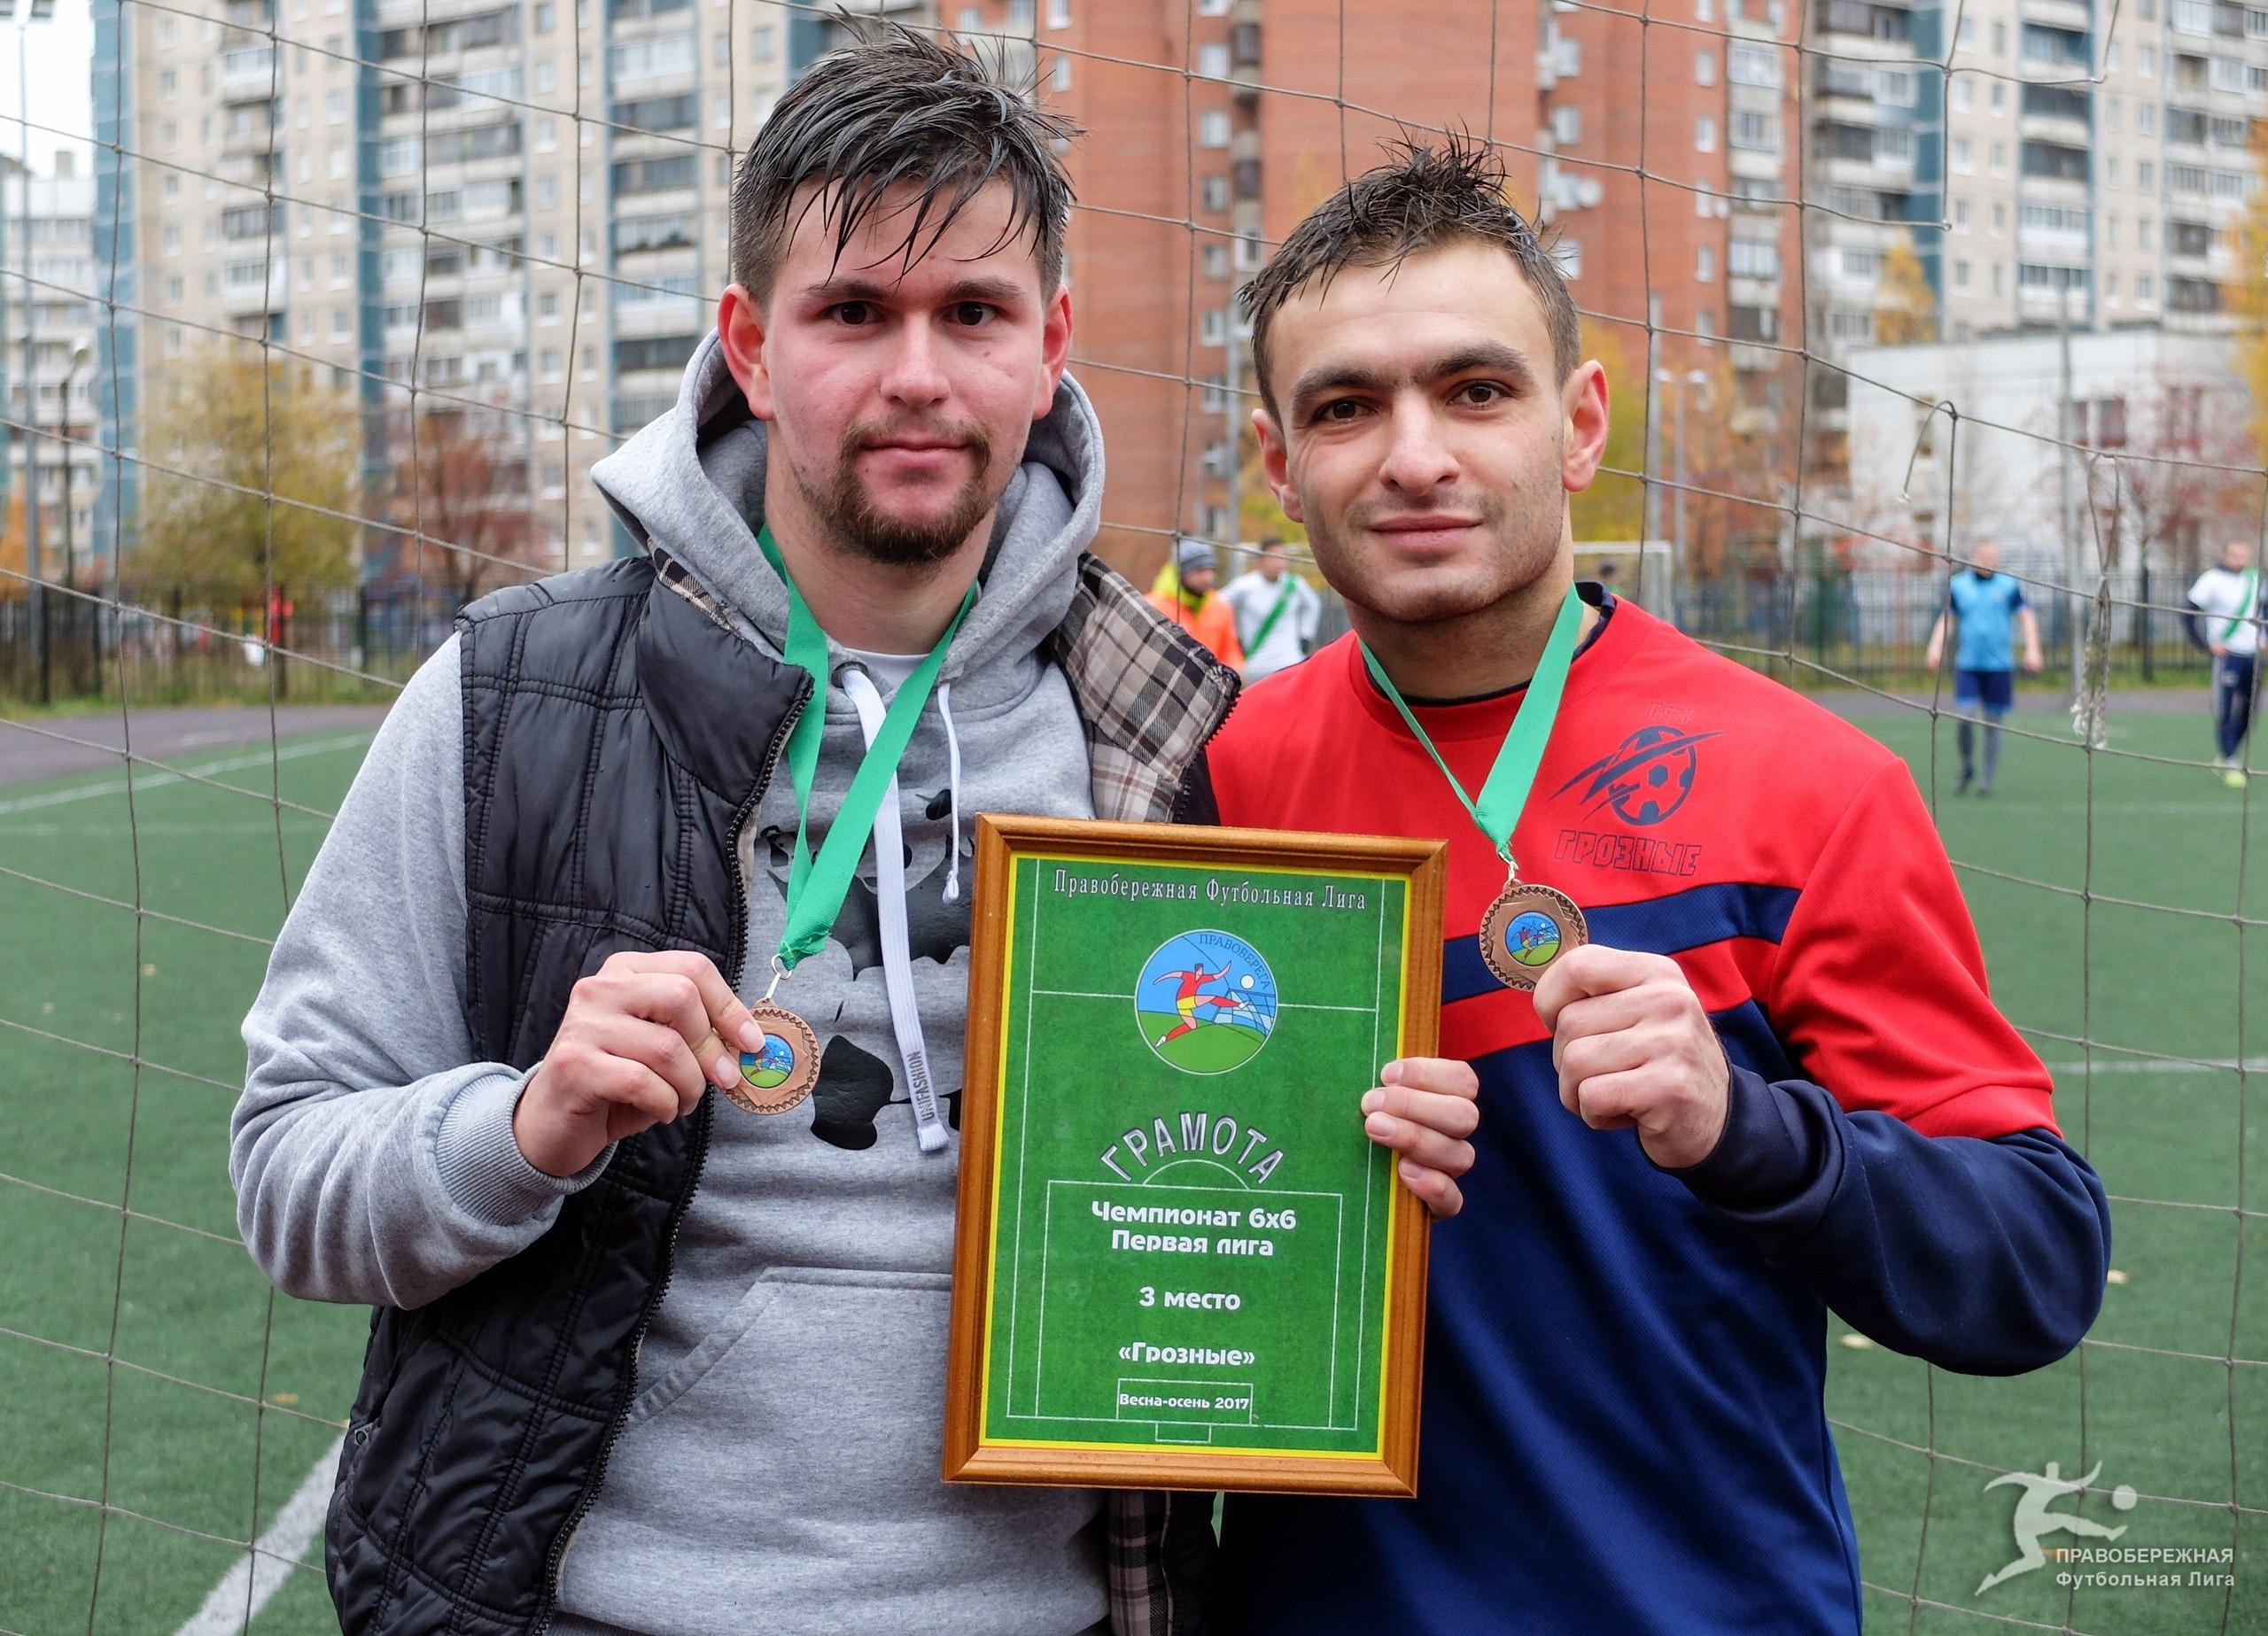 """Александр Александров и Александр Карманов (""""Грозные"""") - 3-е место в Первой лиге 6х6."""